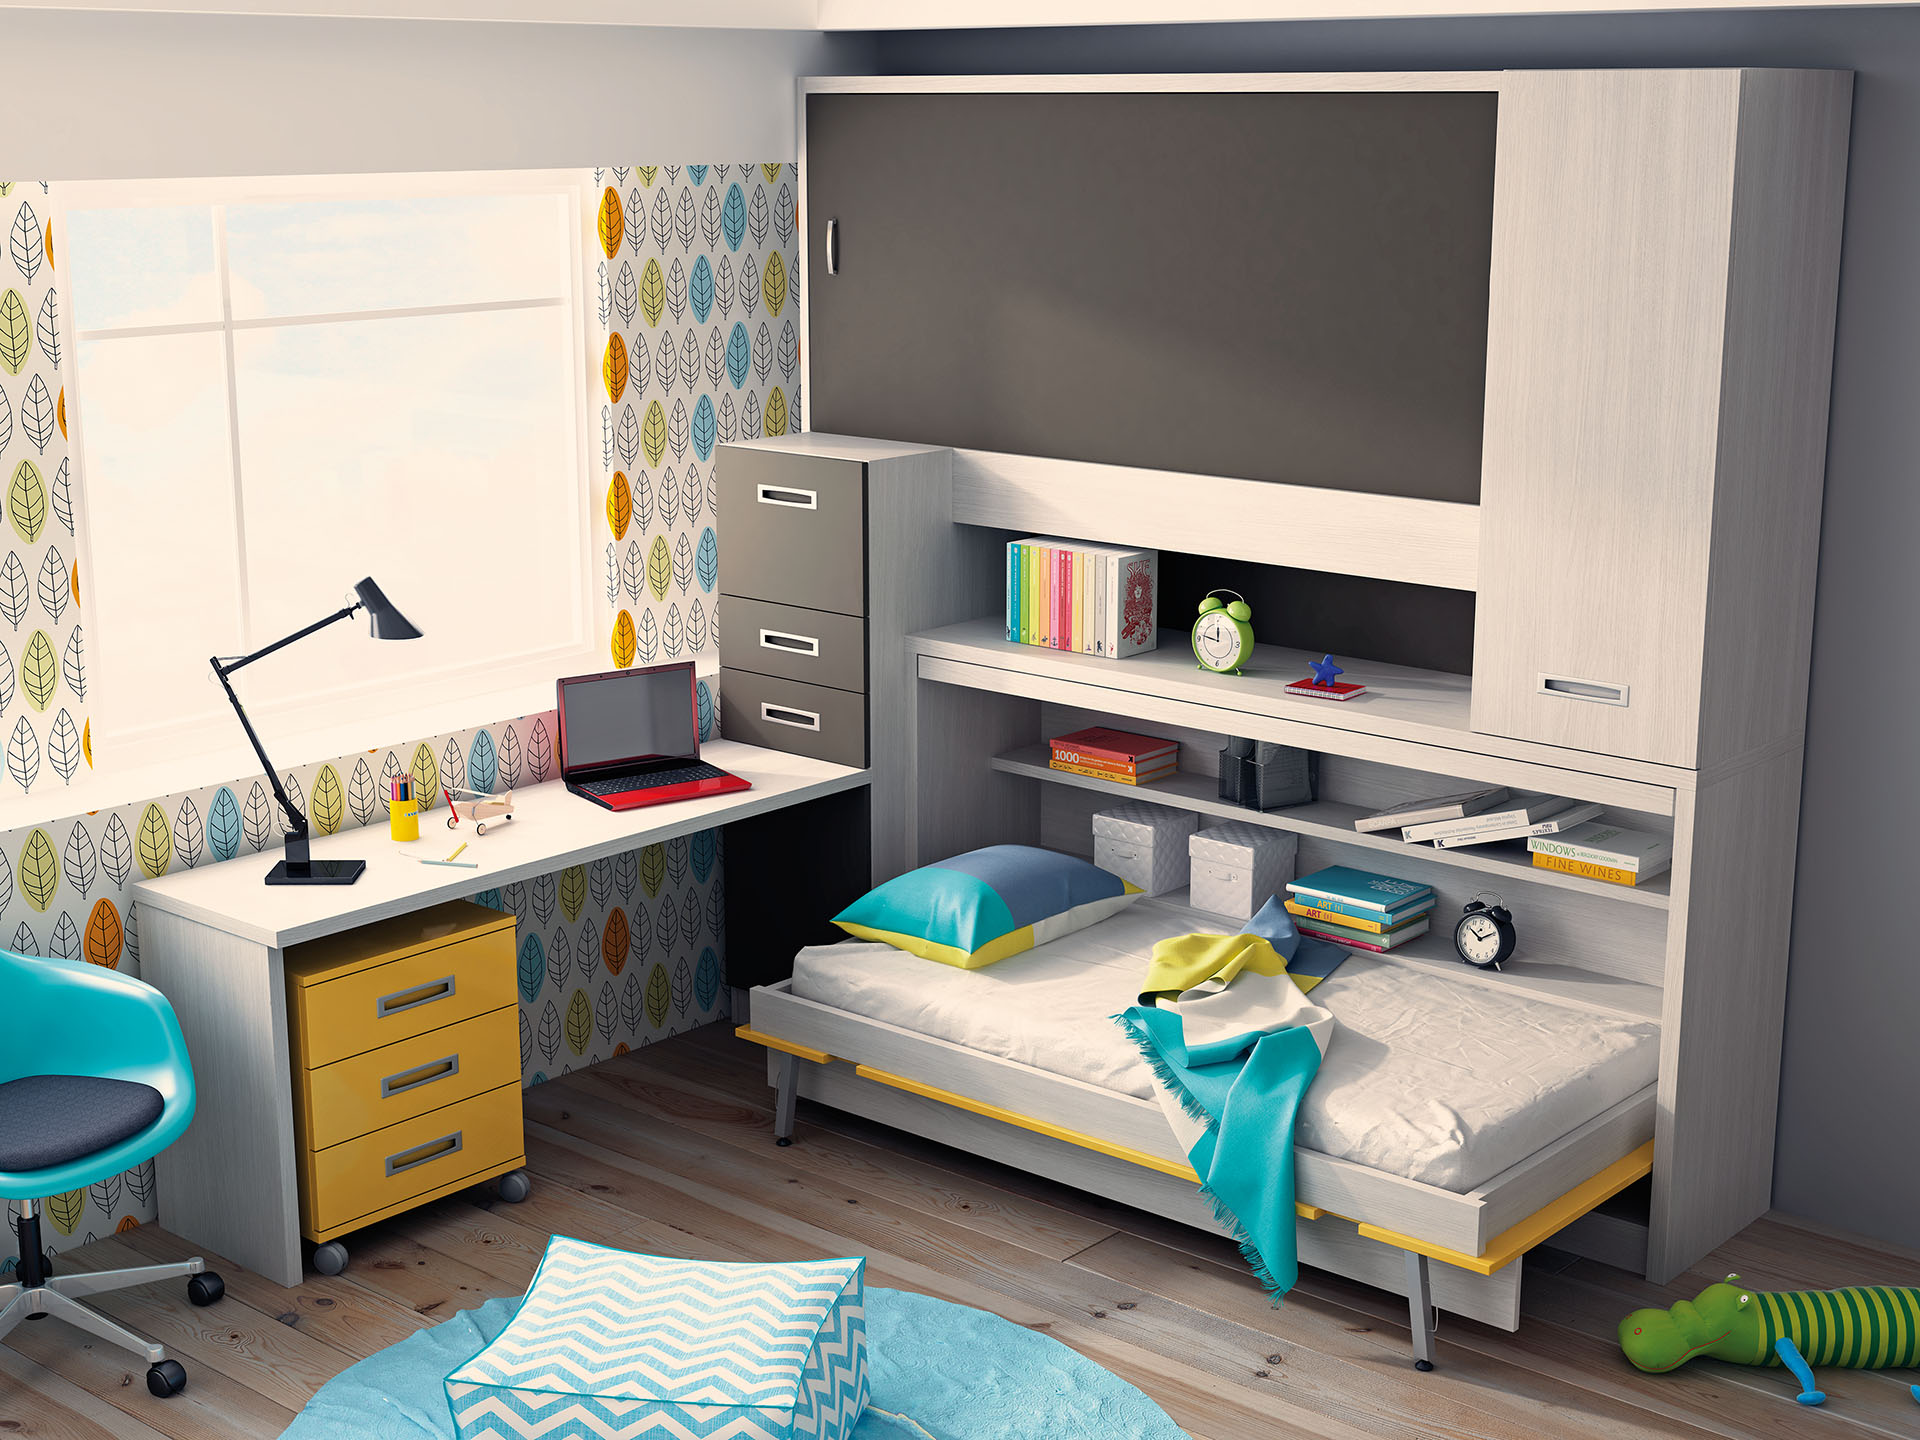 Mueble Juvenil En Madrid En Dise O Juvenil ~ Tiendas De Muebles De Diseño En Madrid